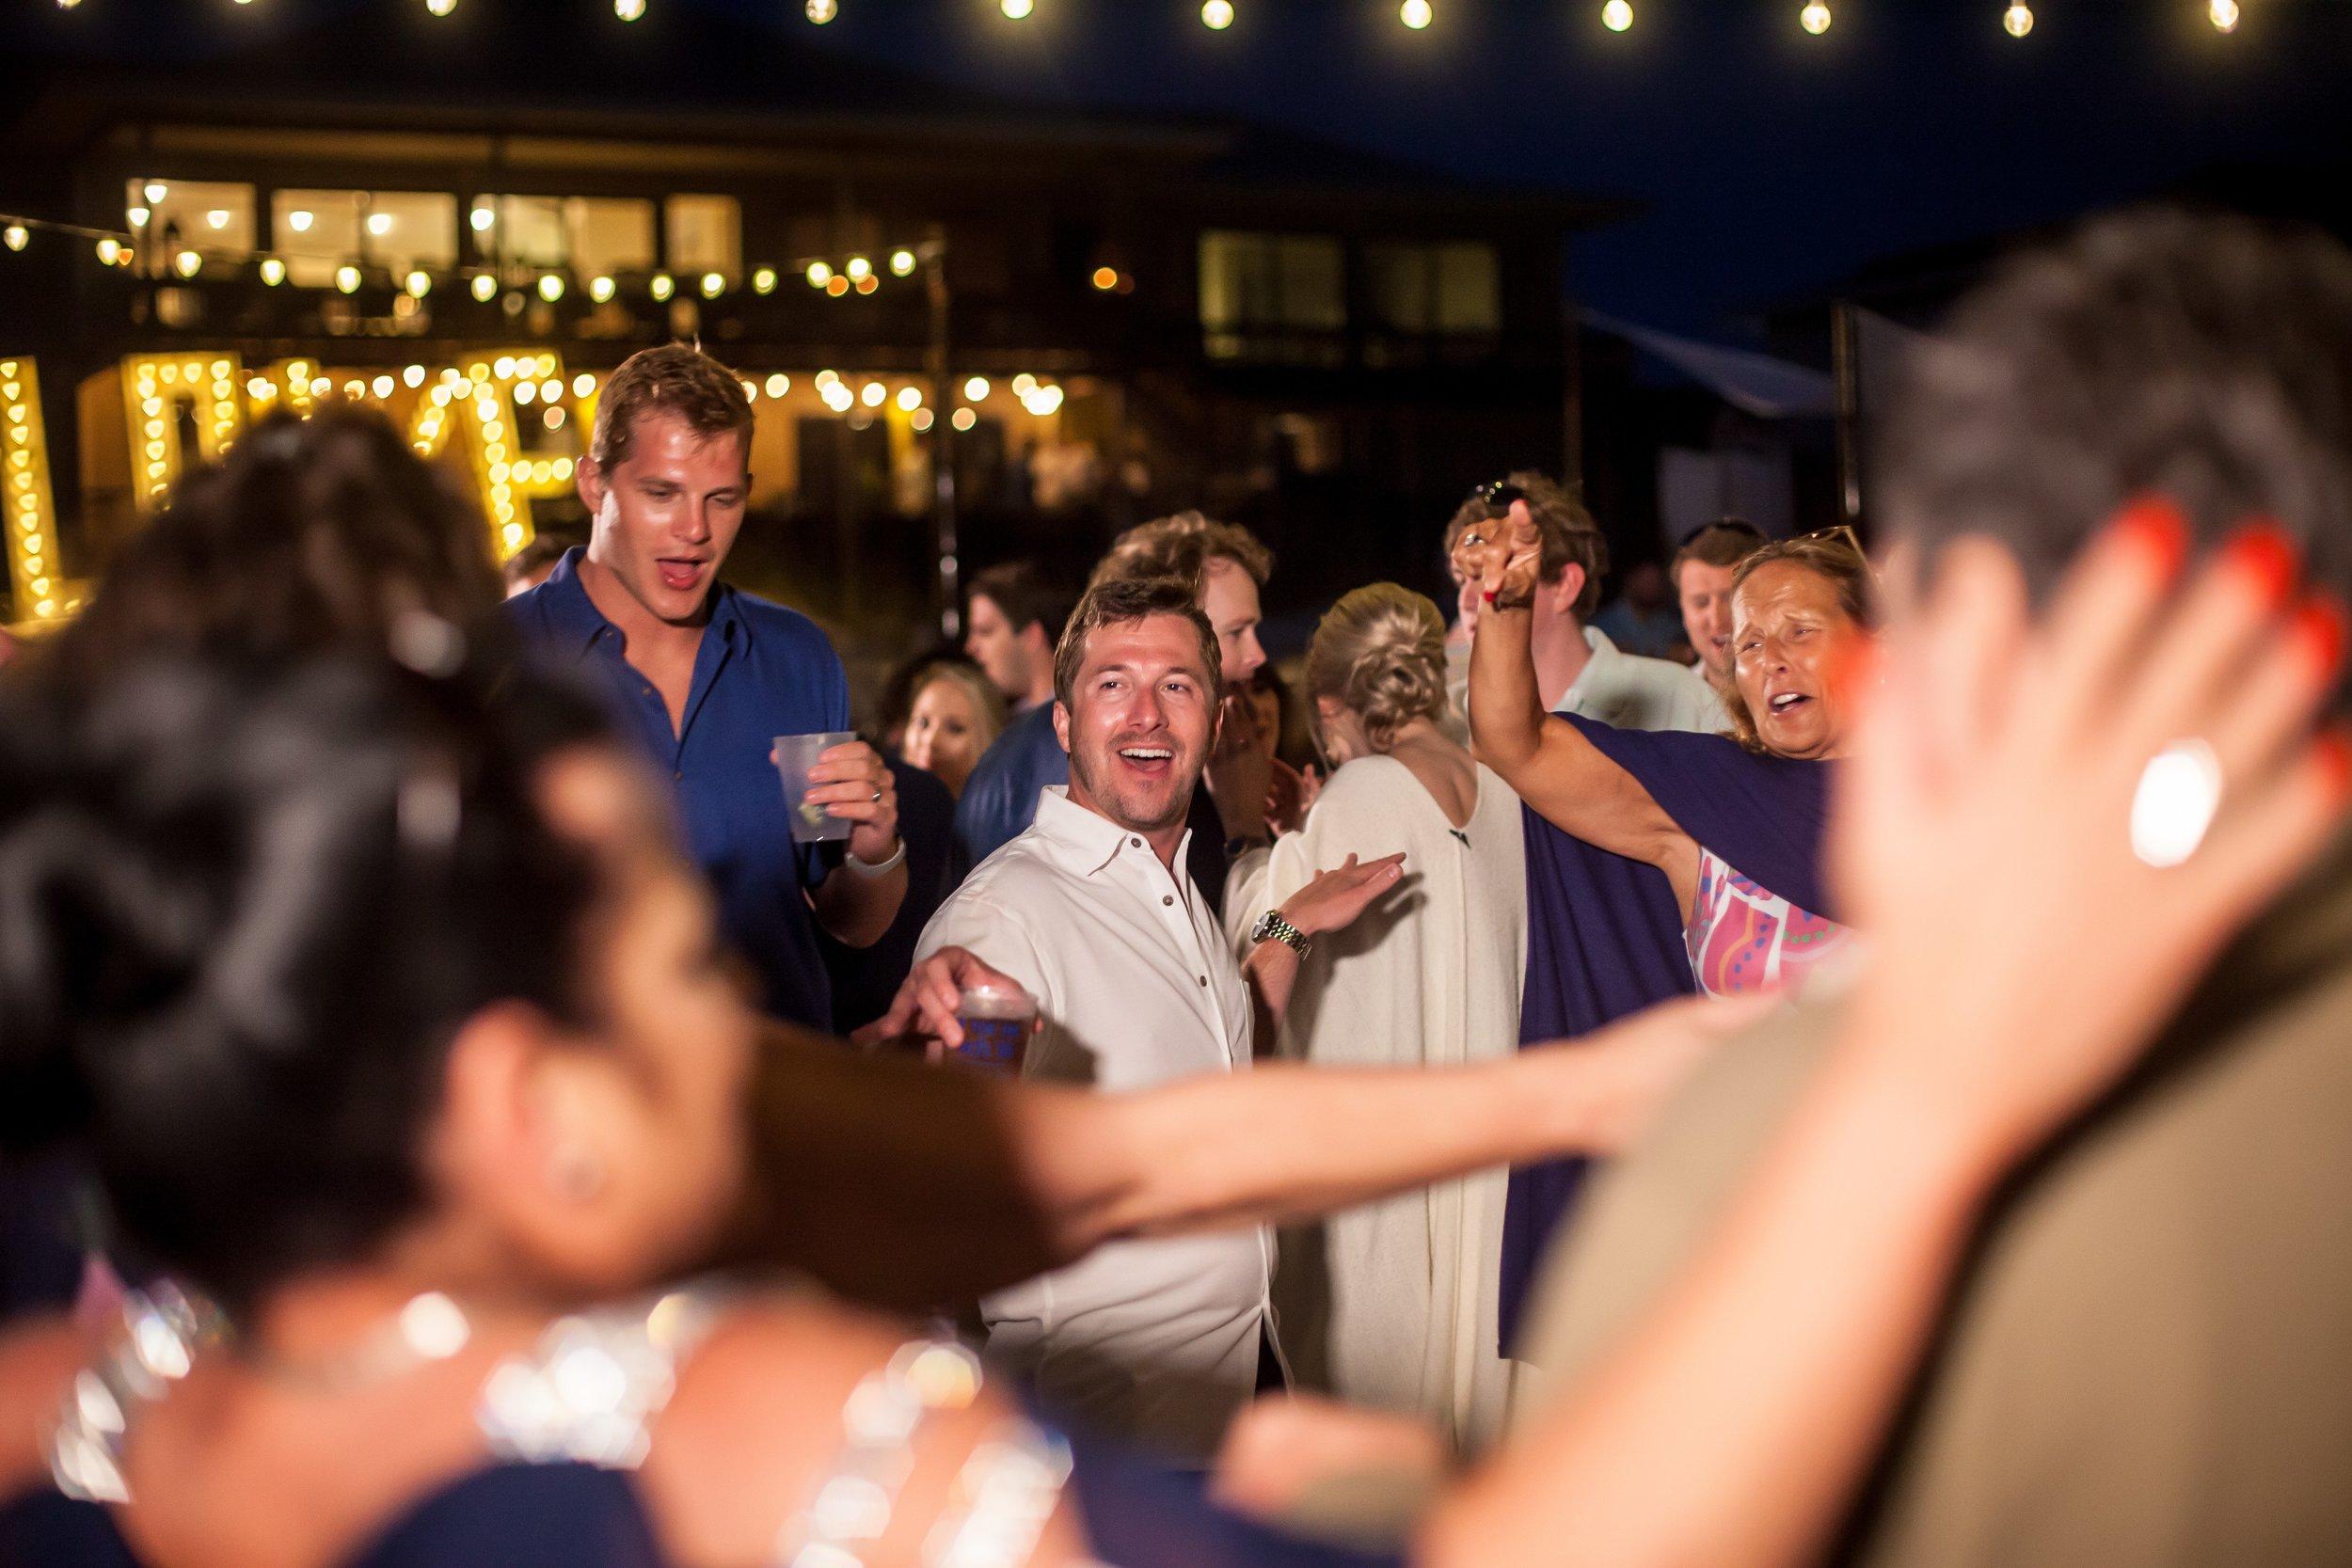 30a-Destin-Florida-Wedding-Photography-Caydee-Matt_0121.jpg